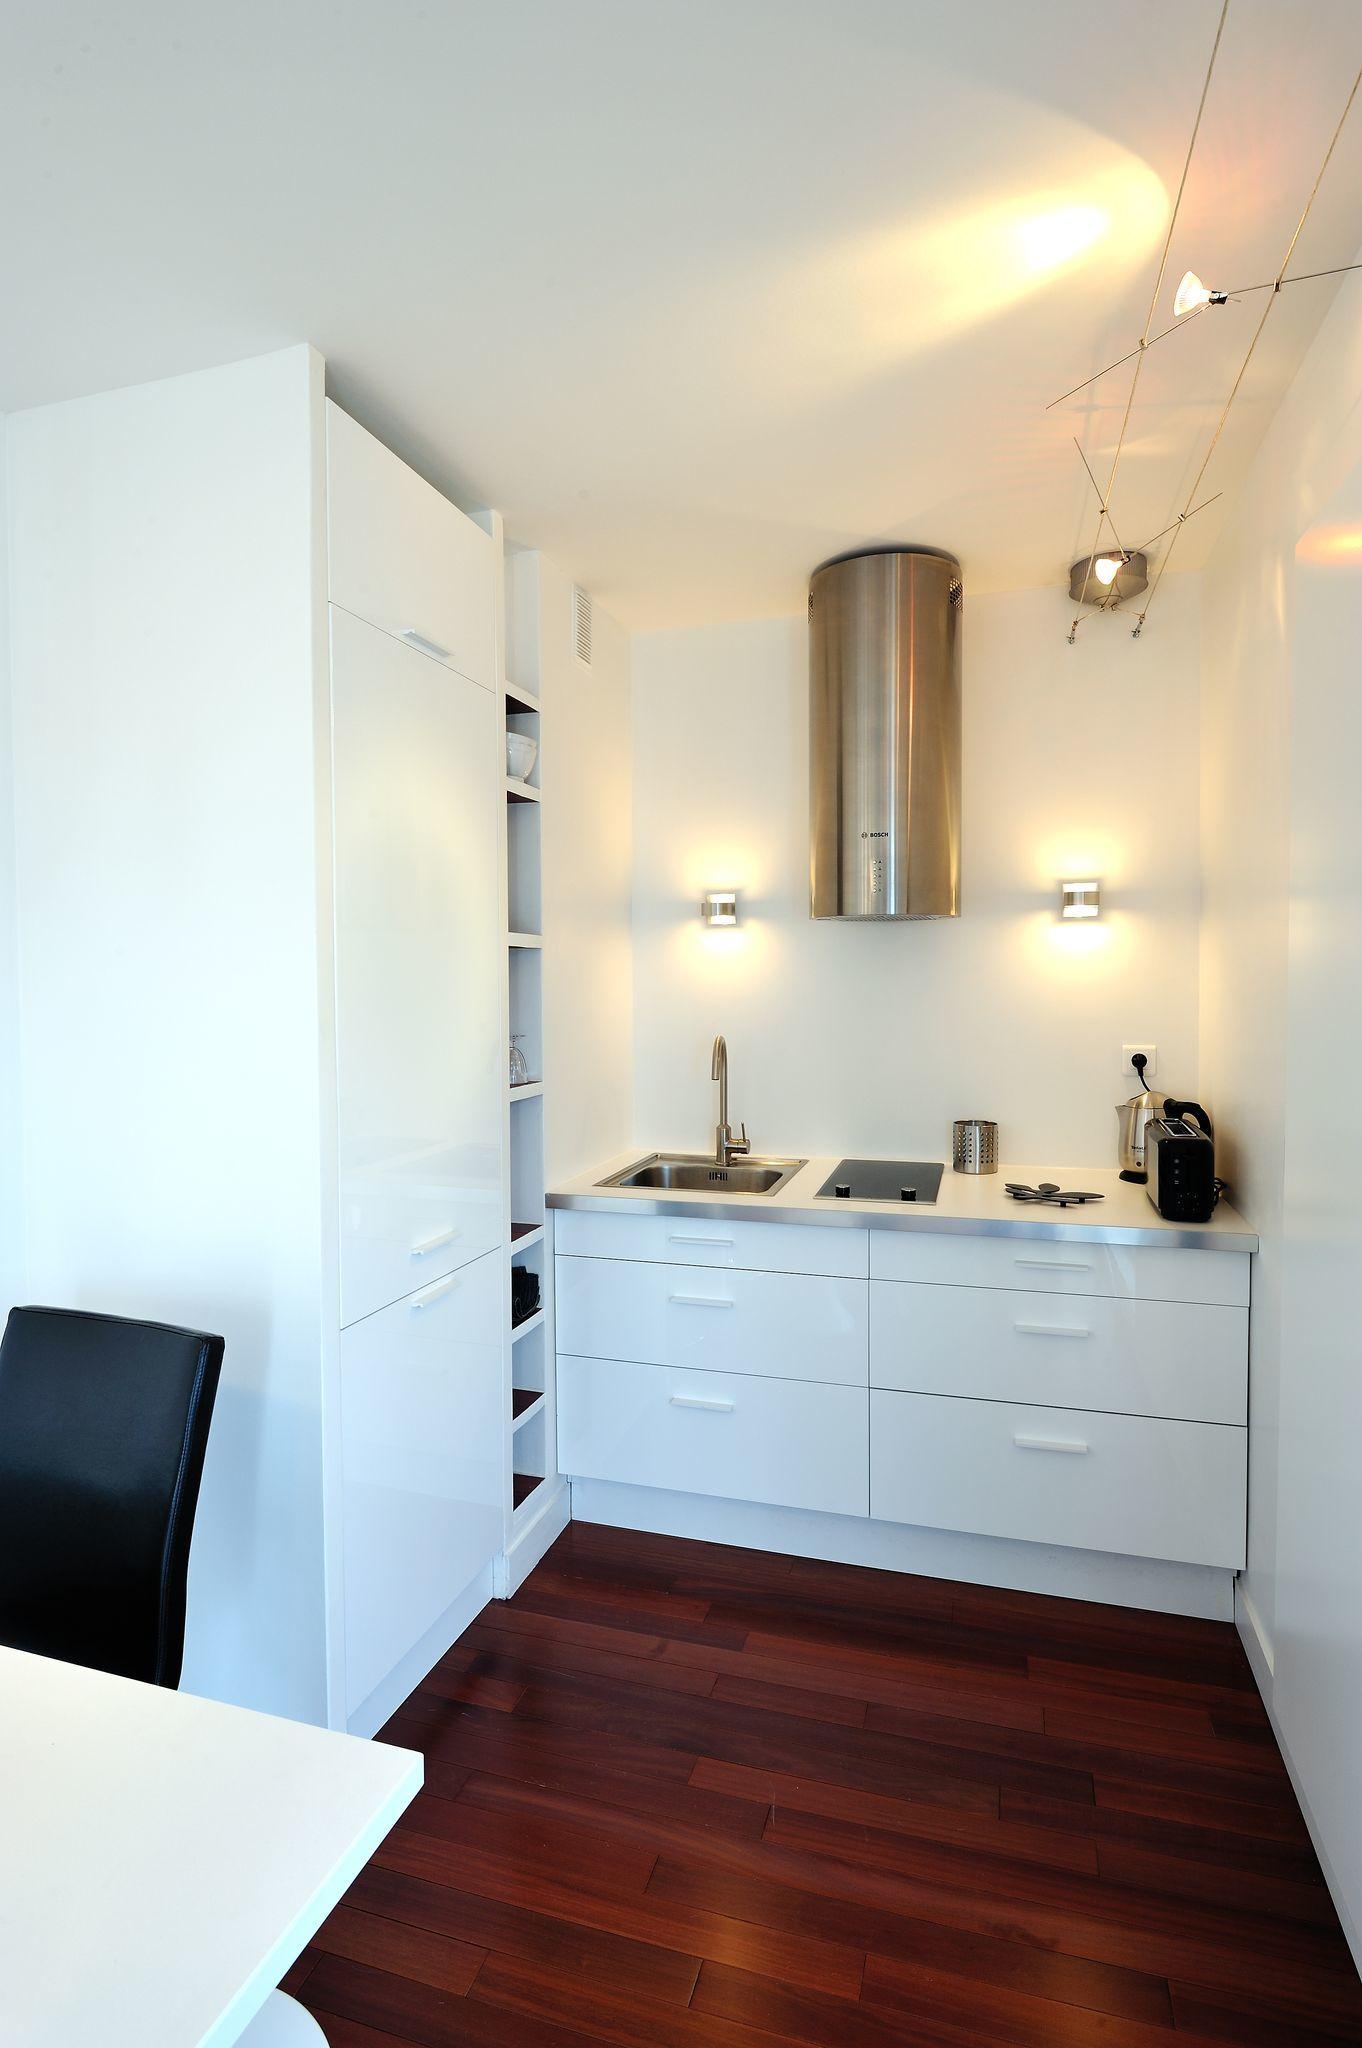 Cuisine avec parquet : idées meubles et styles  Amenagement salle